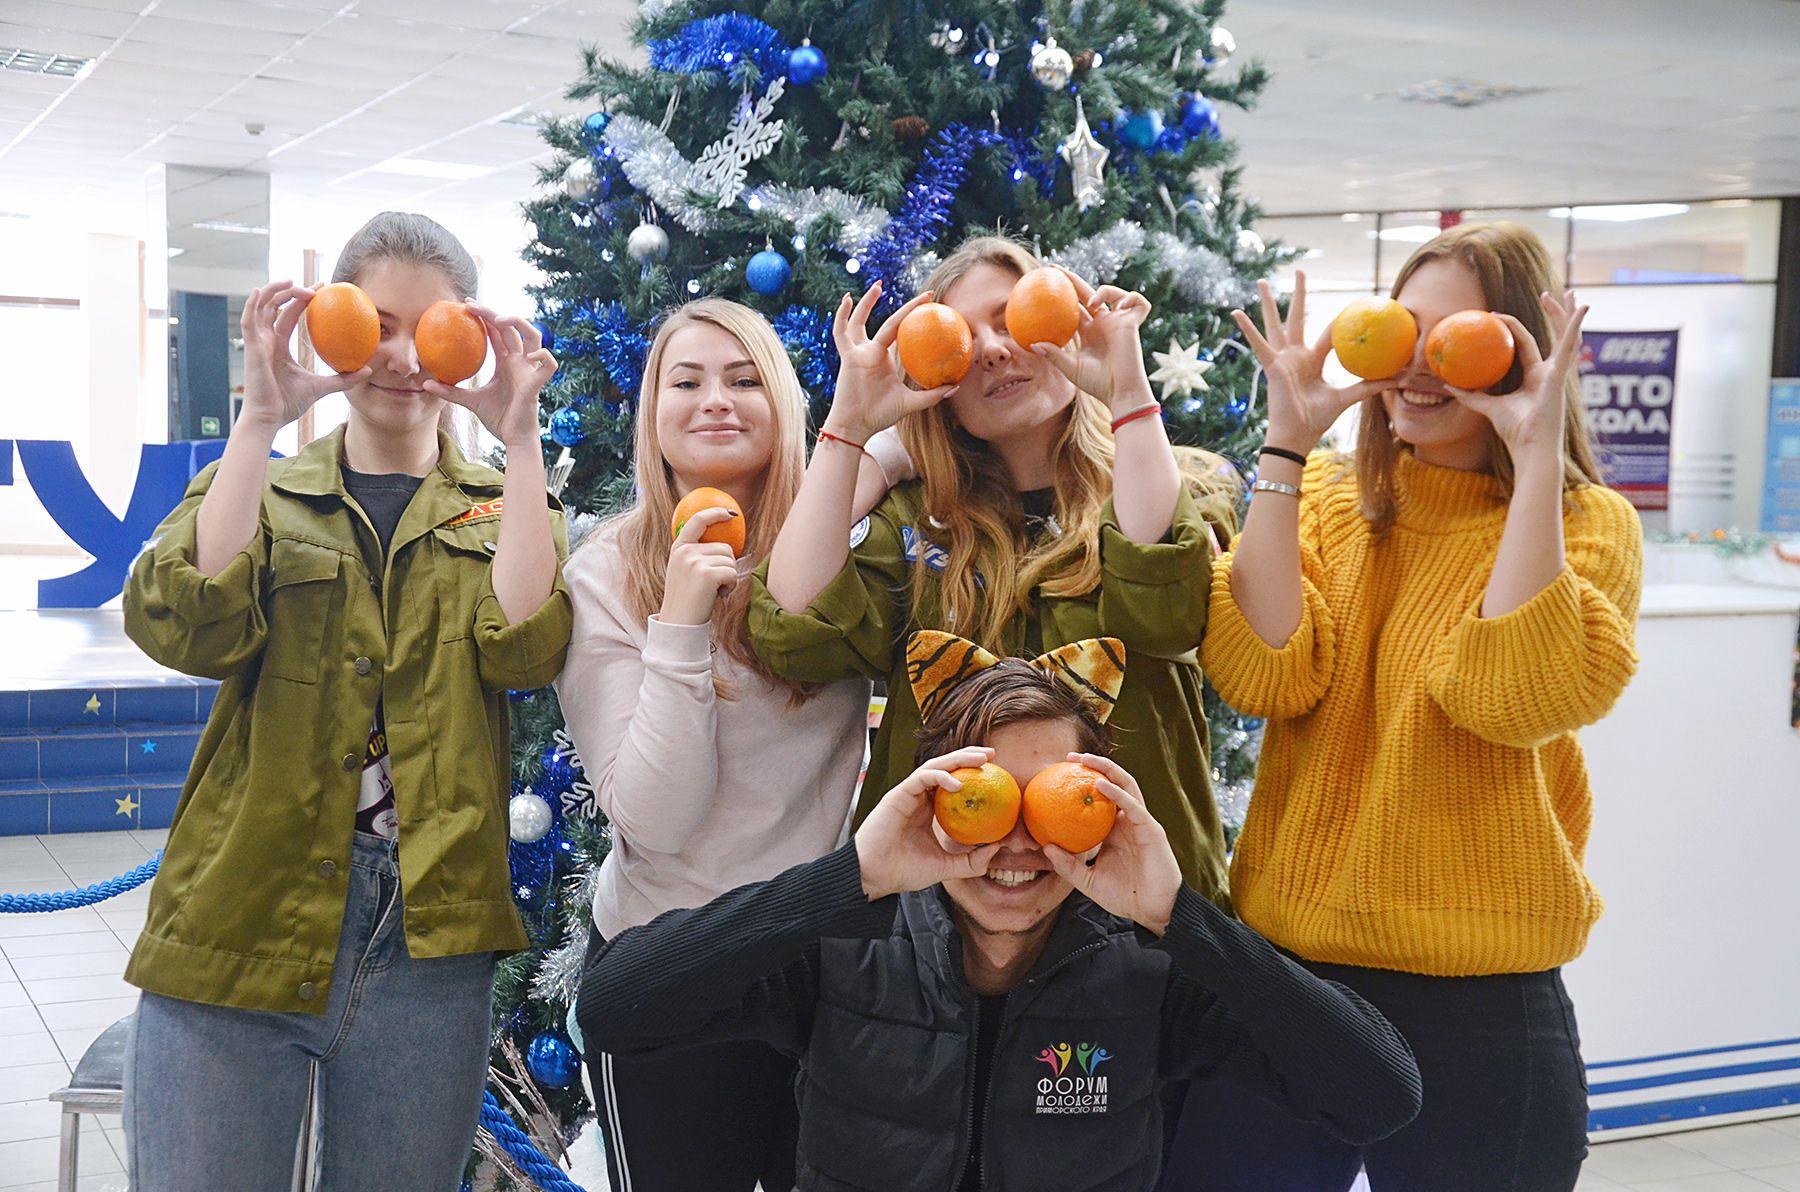 Студенты ВГУЭС о благотворительной акции: «Мы смогли подарить детям радость»